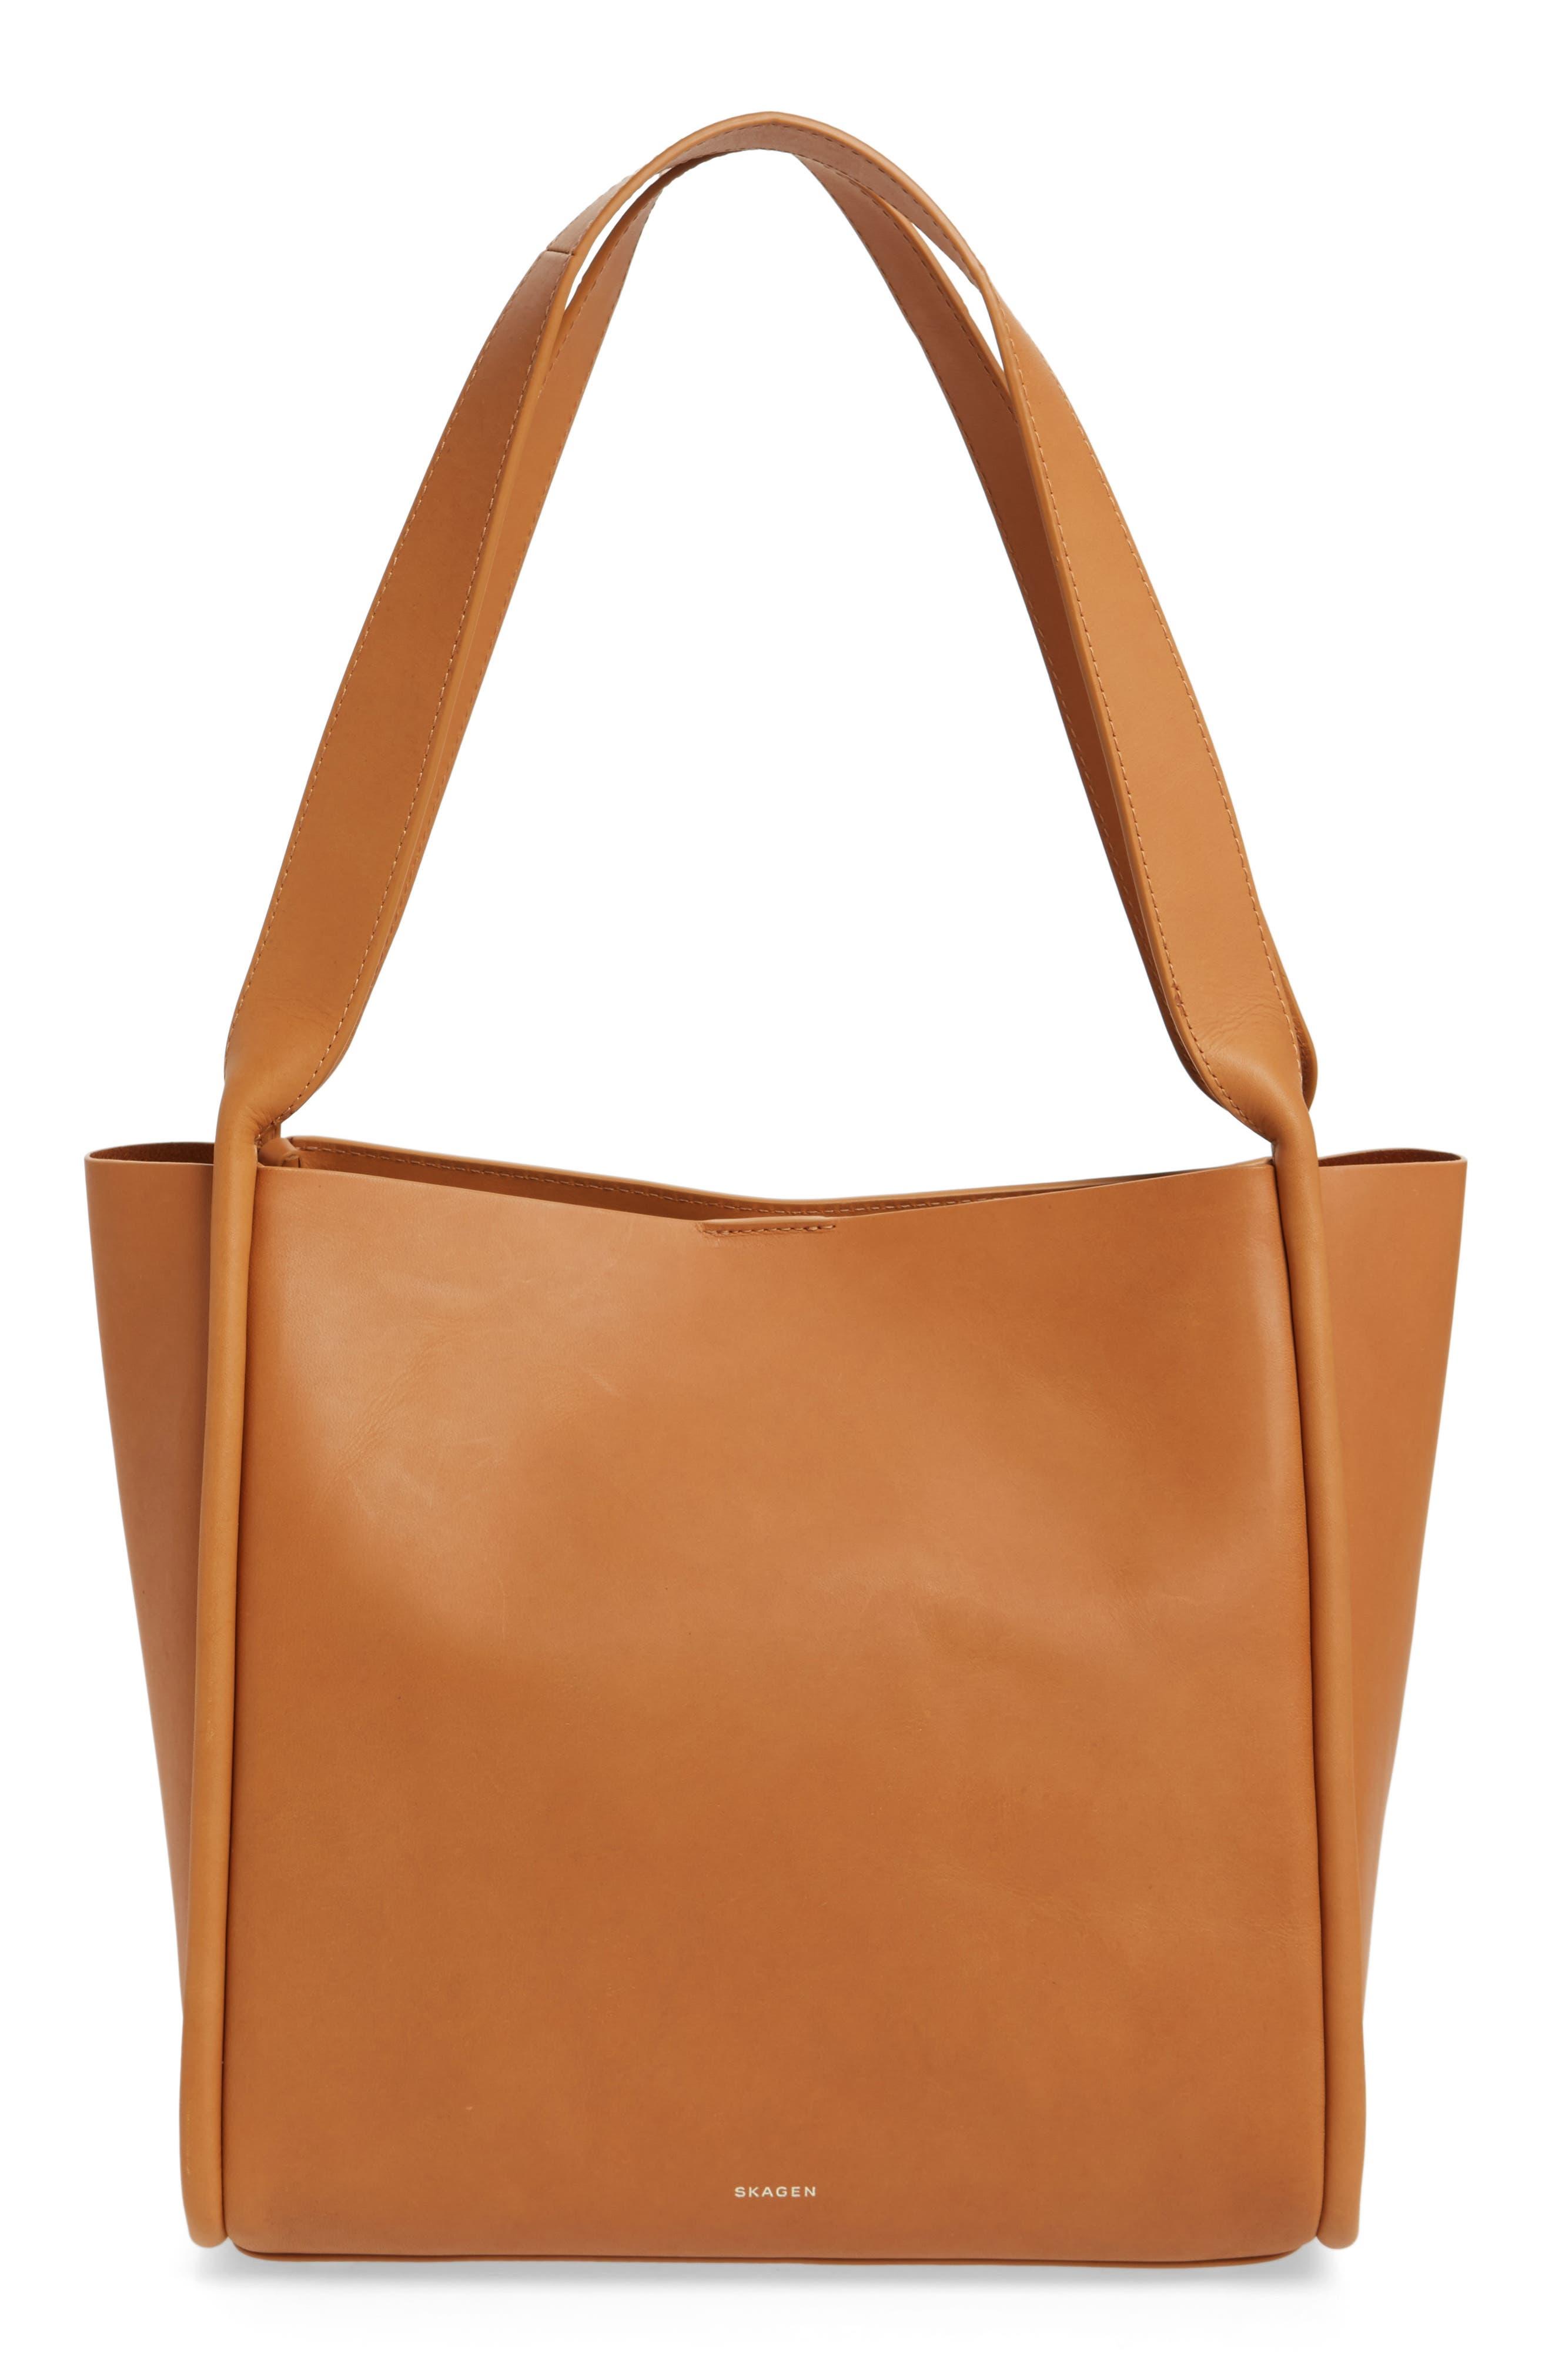 Alternate Image 1 Selected - Skagen Karalie Shoulder Bag